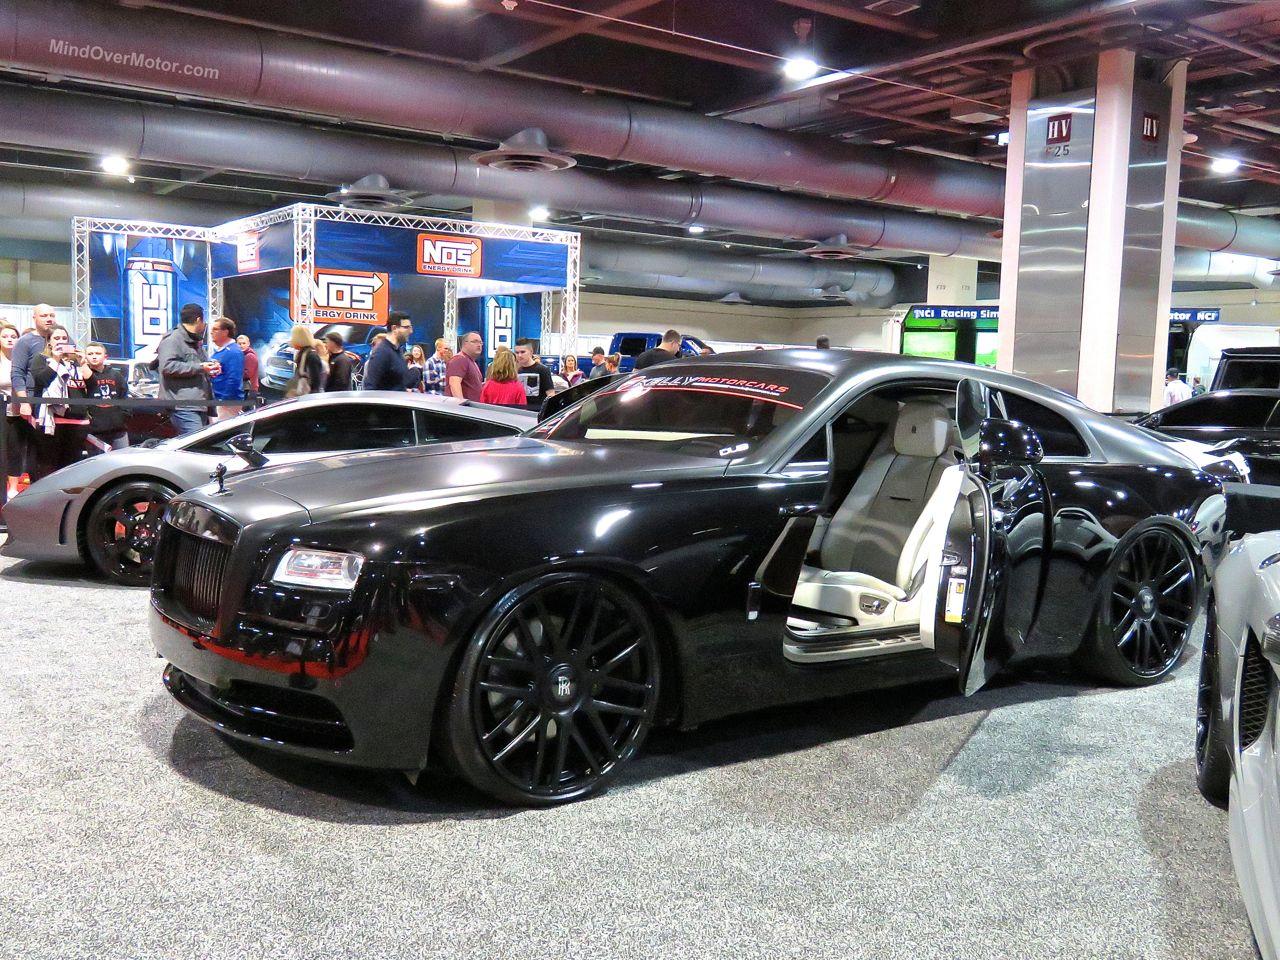 Philly Auto Show 2016 Rolls Royce Wraith